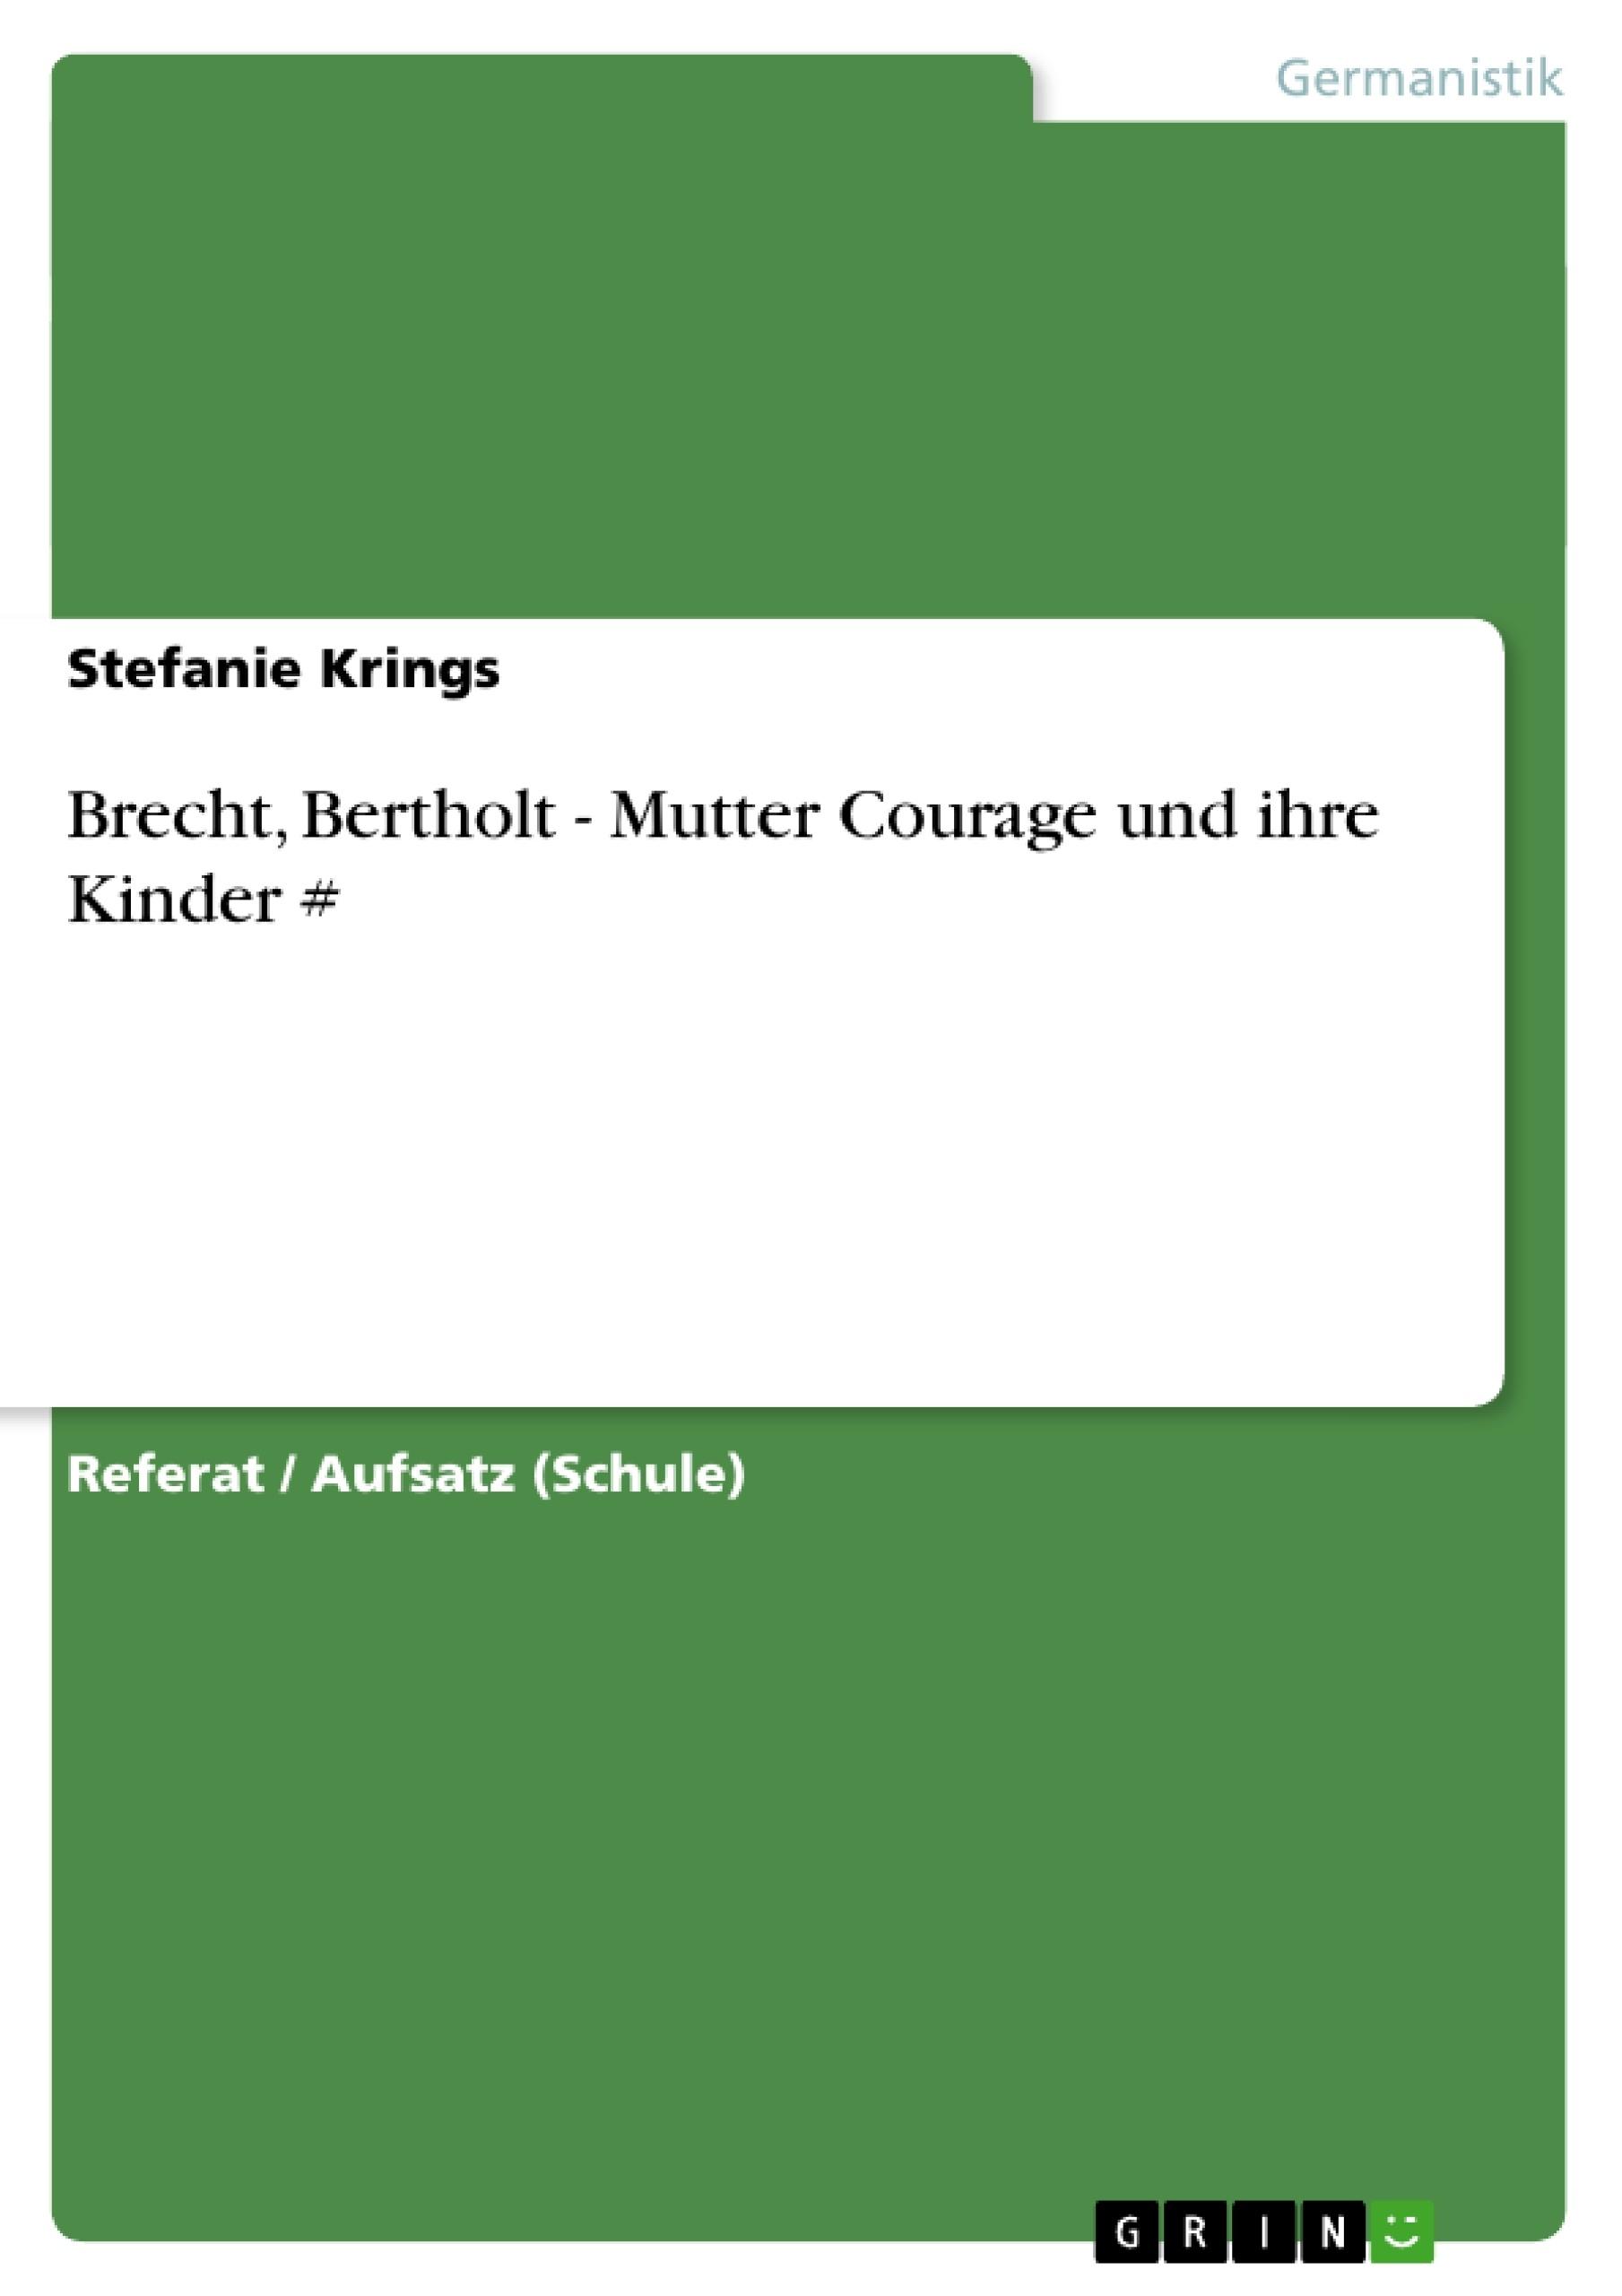 Titel: Brecht, Bertholt  - Mutter Courage und ihre Kinder #